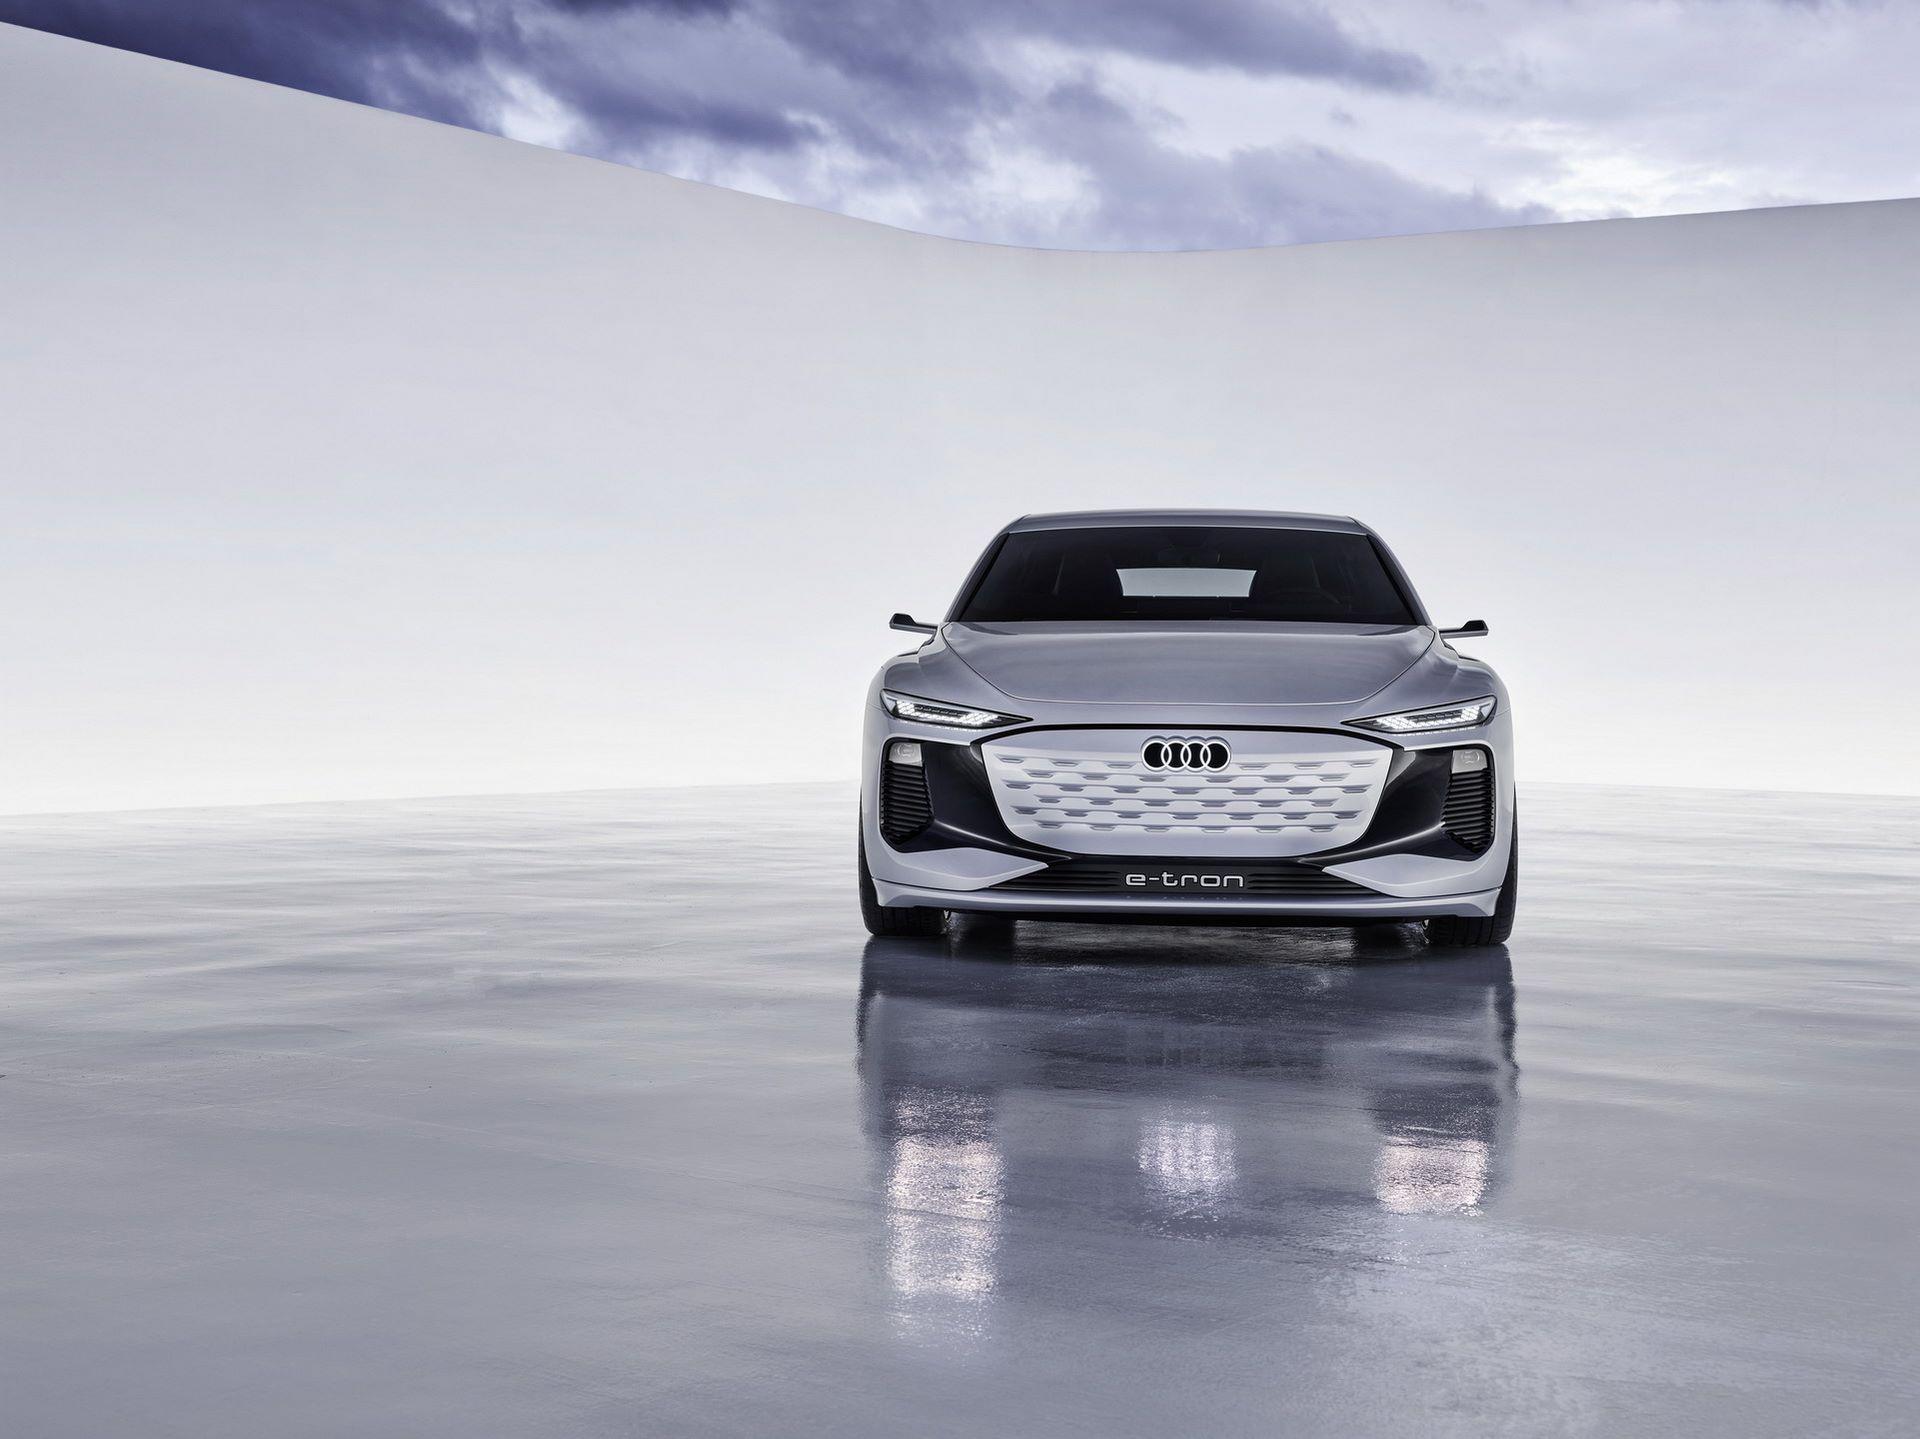 Audi-A6-e-tron-concept-20